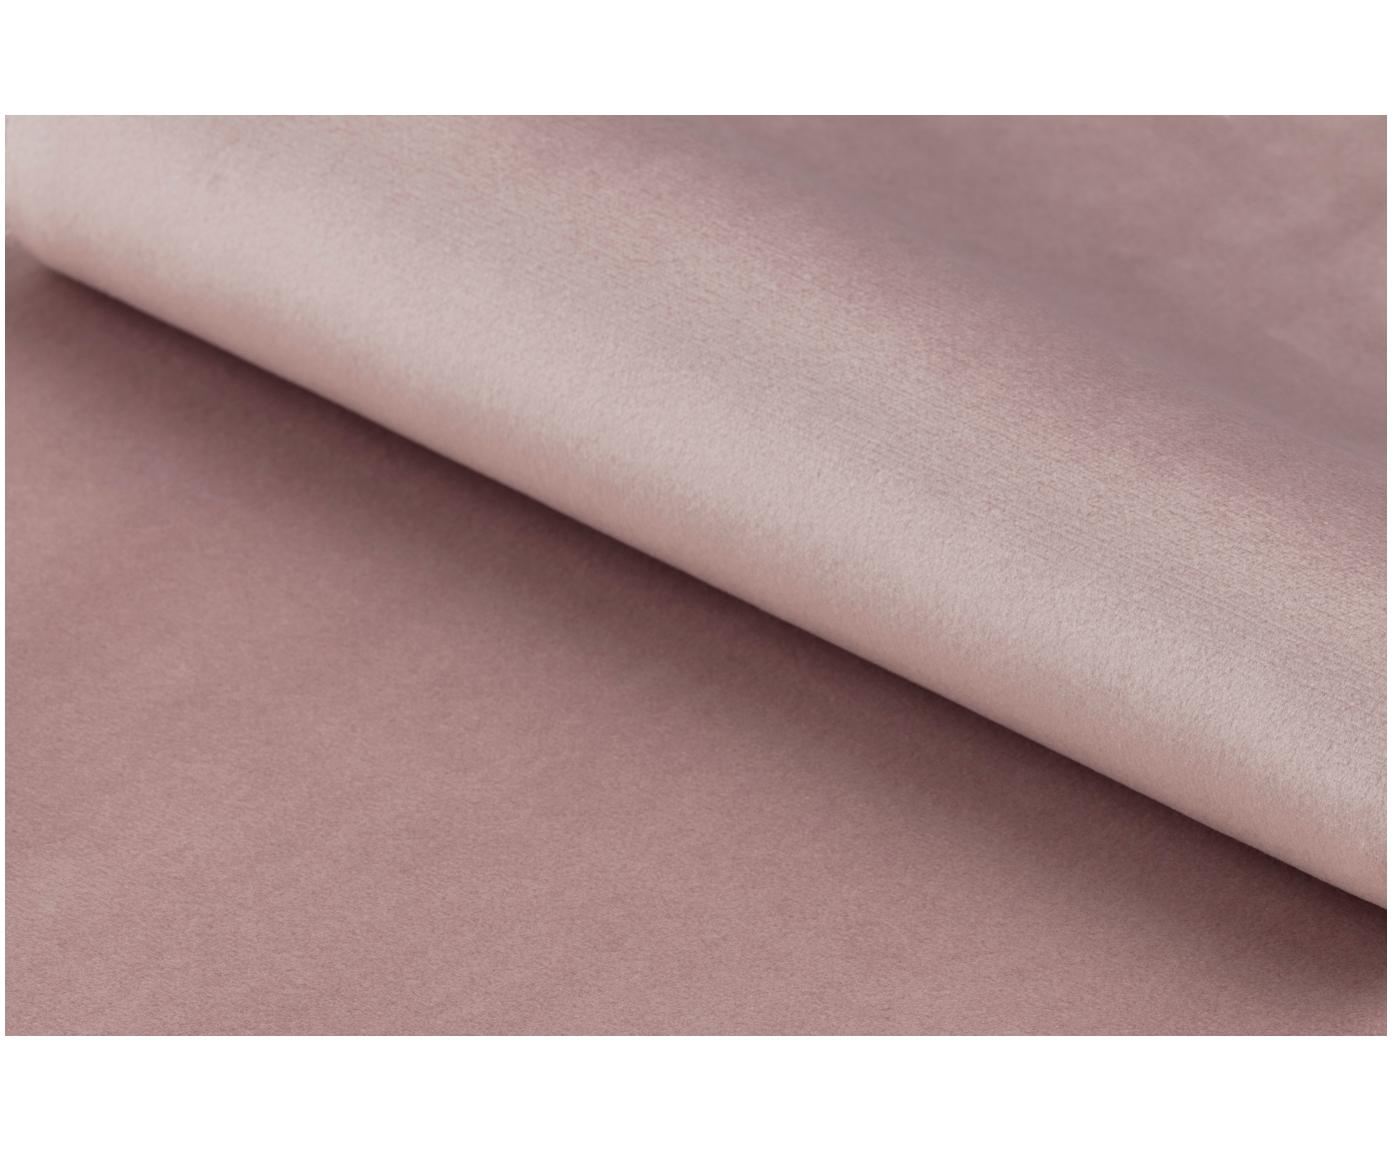 Fotel koktajlowy z aksamitu Ramsey, Tapicerka: aksamit poliestrowy 2500, Nogi: metal lakierowany, Aksamitny blady różowy, S 72 x G 67 cm